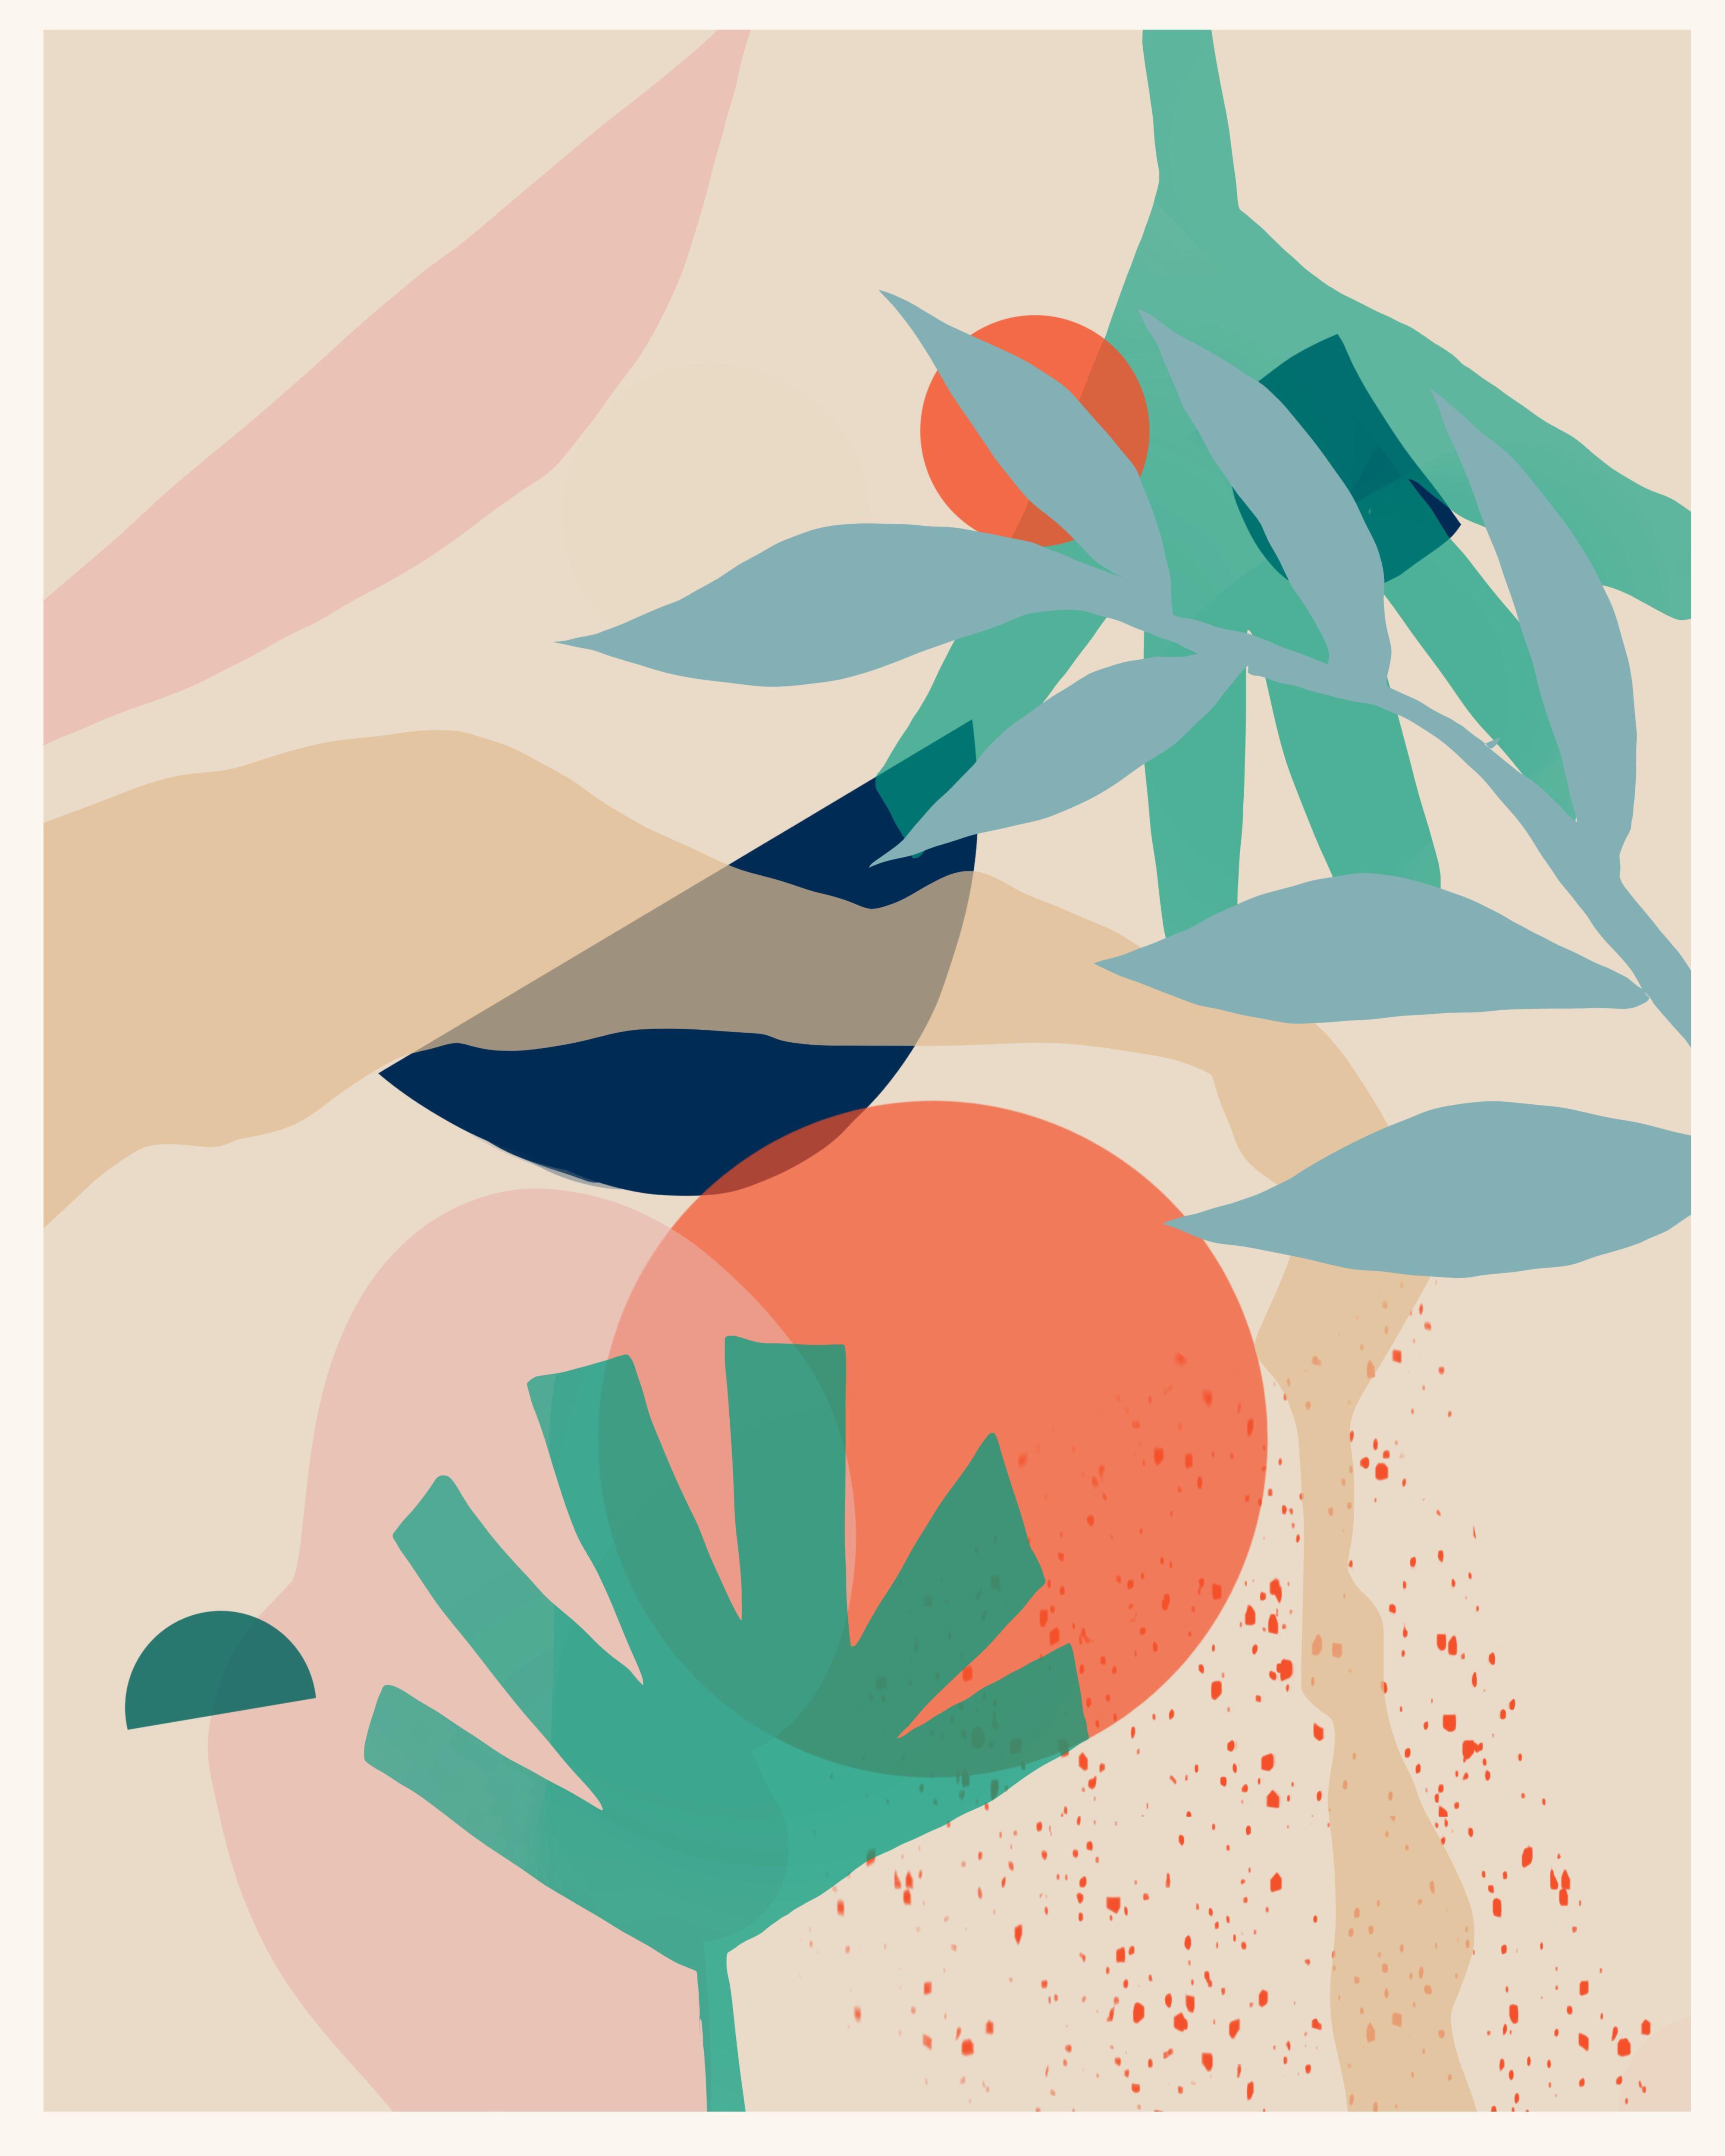 Modern Graphic Art Wallpaper